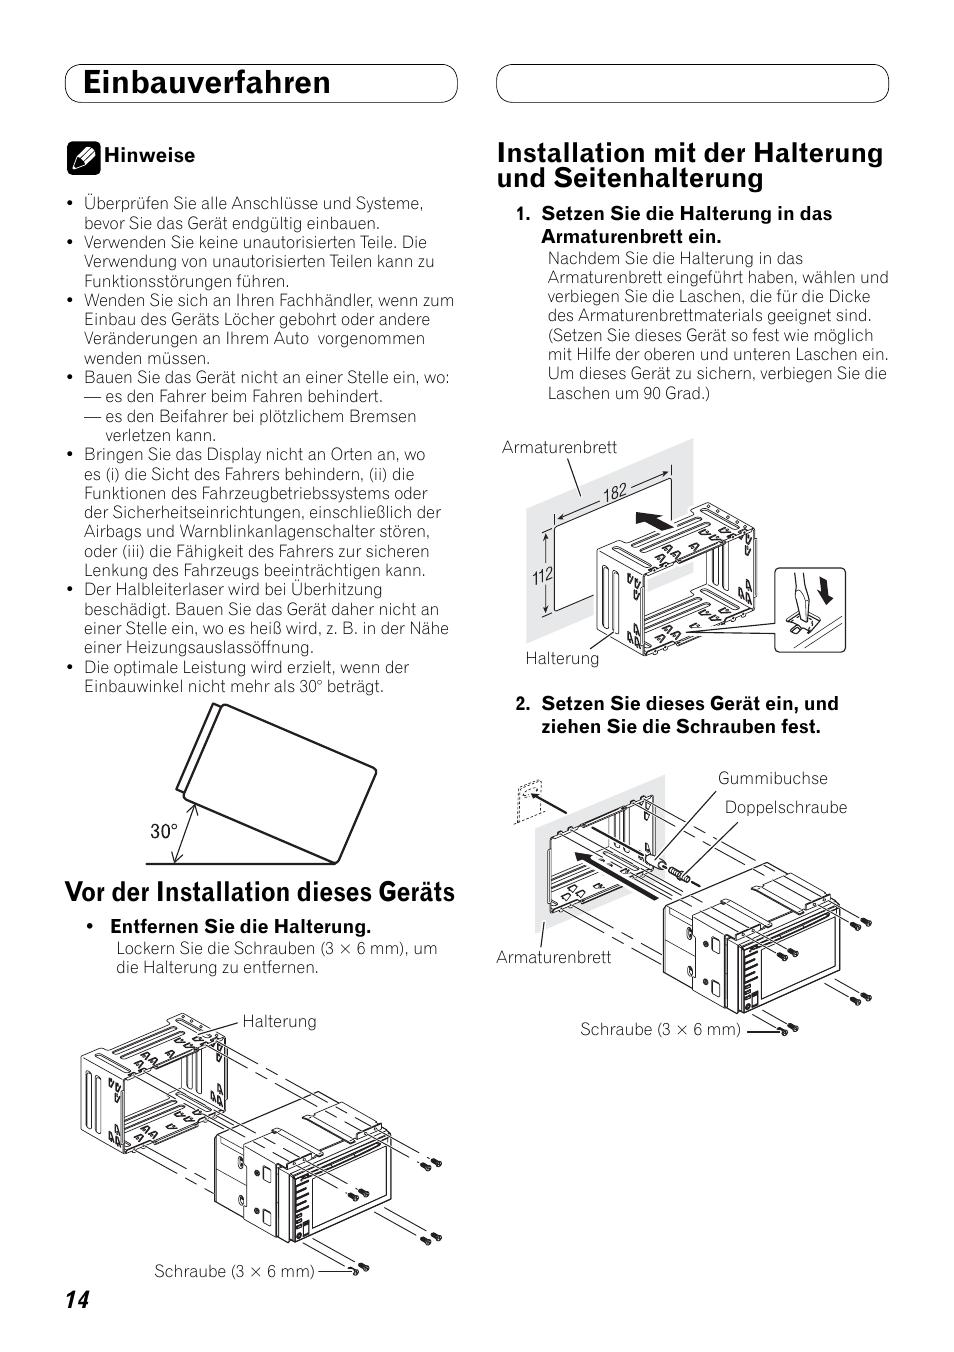 medium resolution of einbauverfahren seitenhalterung vor der installation dieses ger ts installation mit der halterung und seitenhalterung